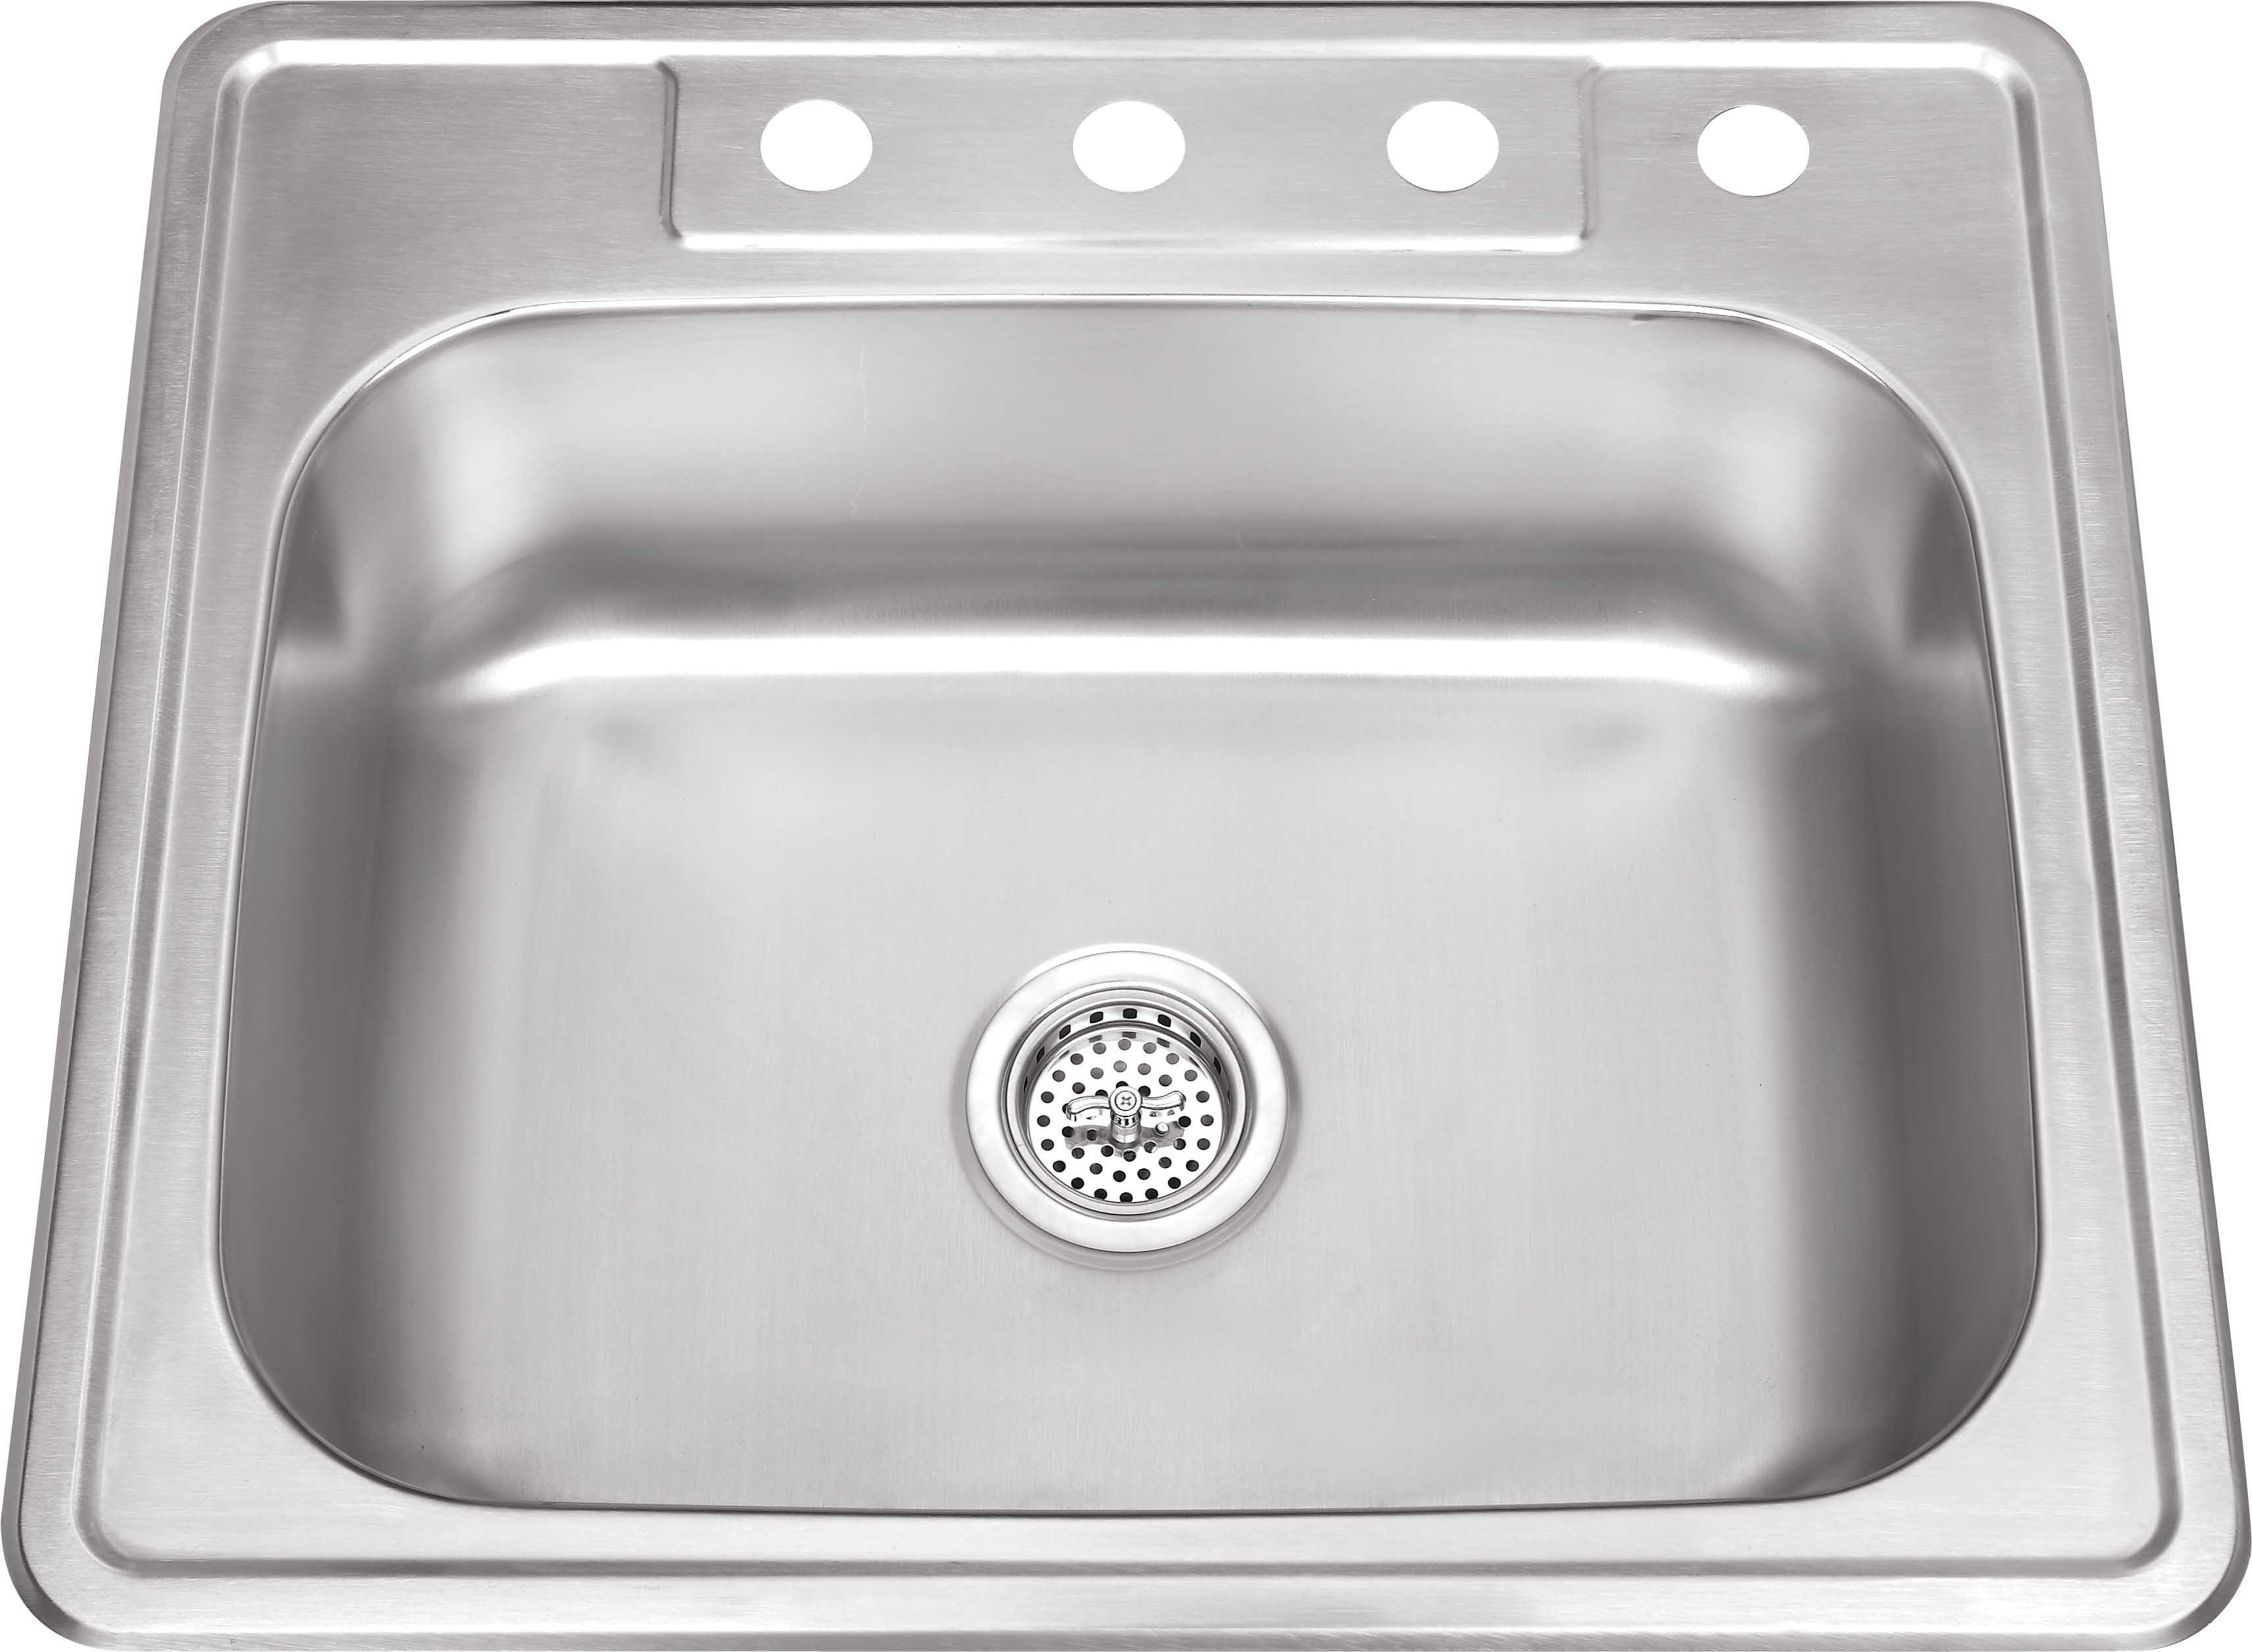 Cahaba Ca113sb25 25 X 22 20 Gauge Stainless Steel Single Bowl Kitchen Sink Stainless Steel Kitchen Sink Kitchen Sink Sink